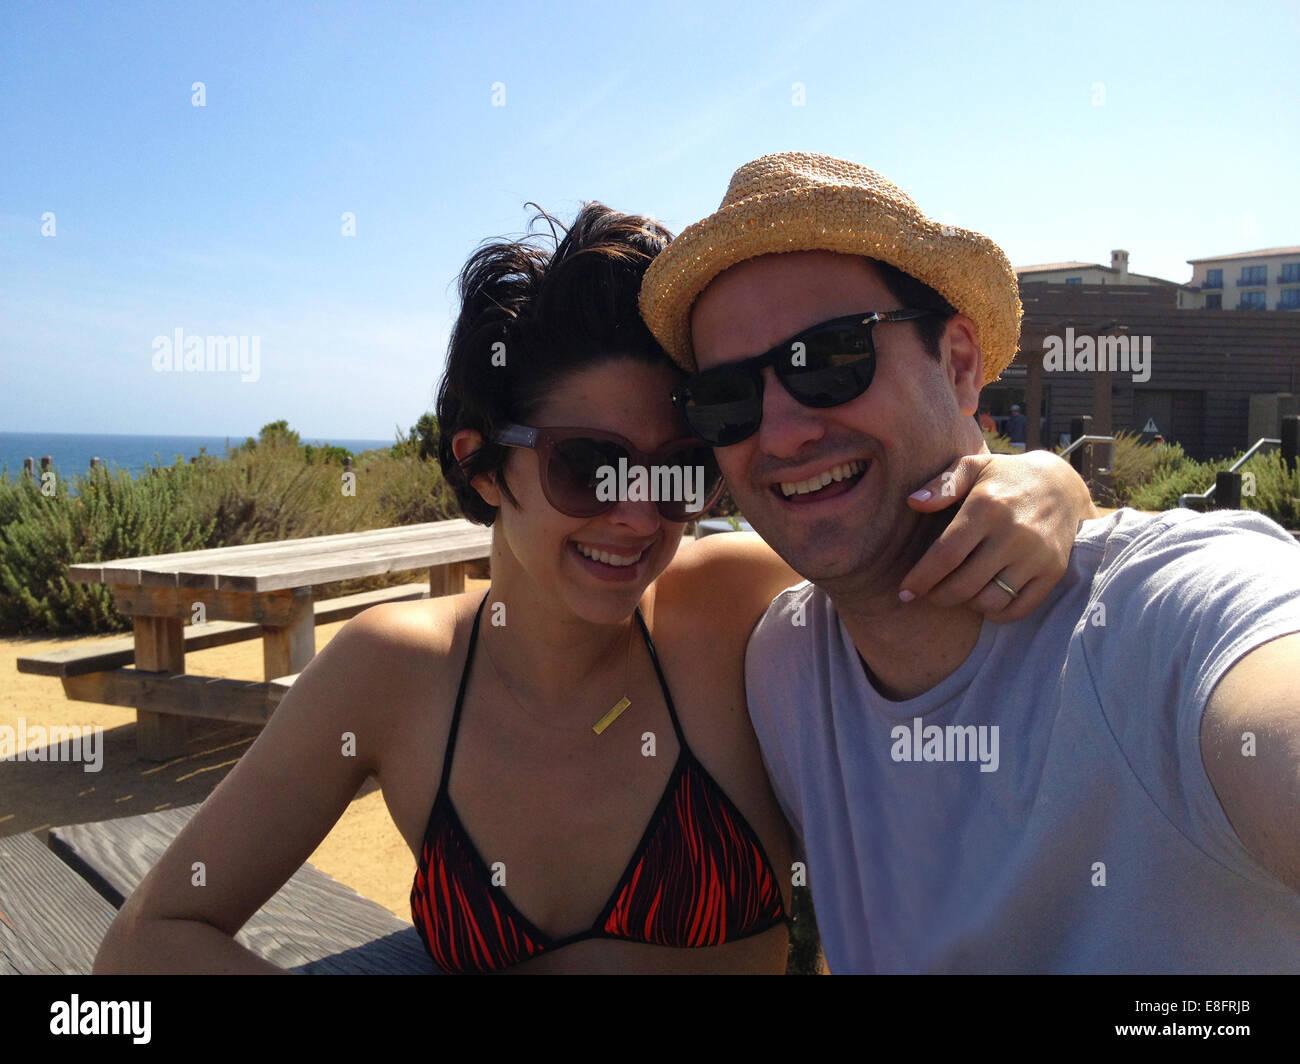 Couple taking selfie on holidays - Stock Image